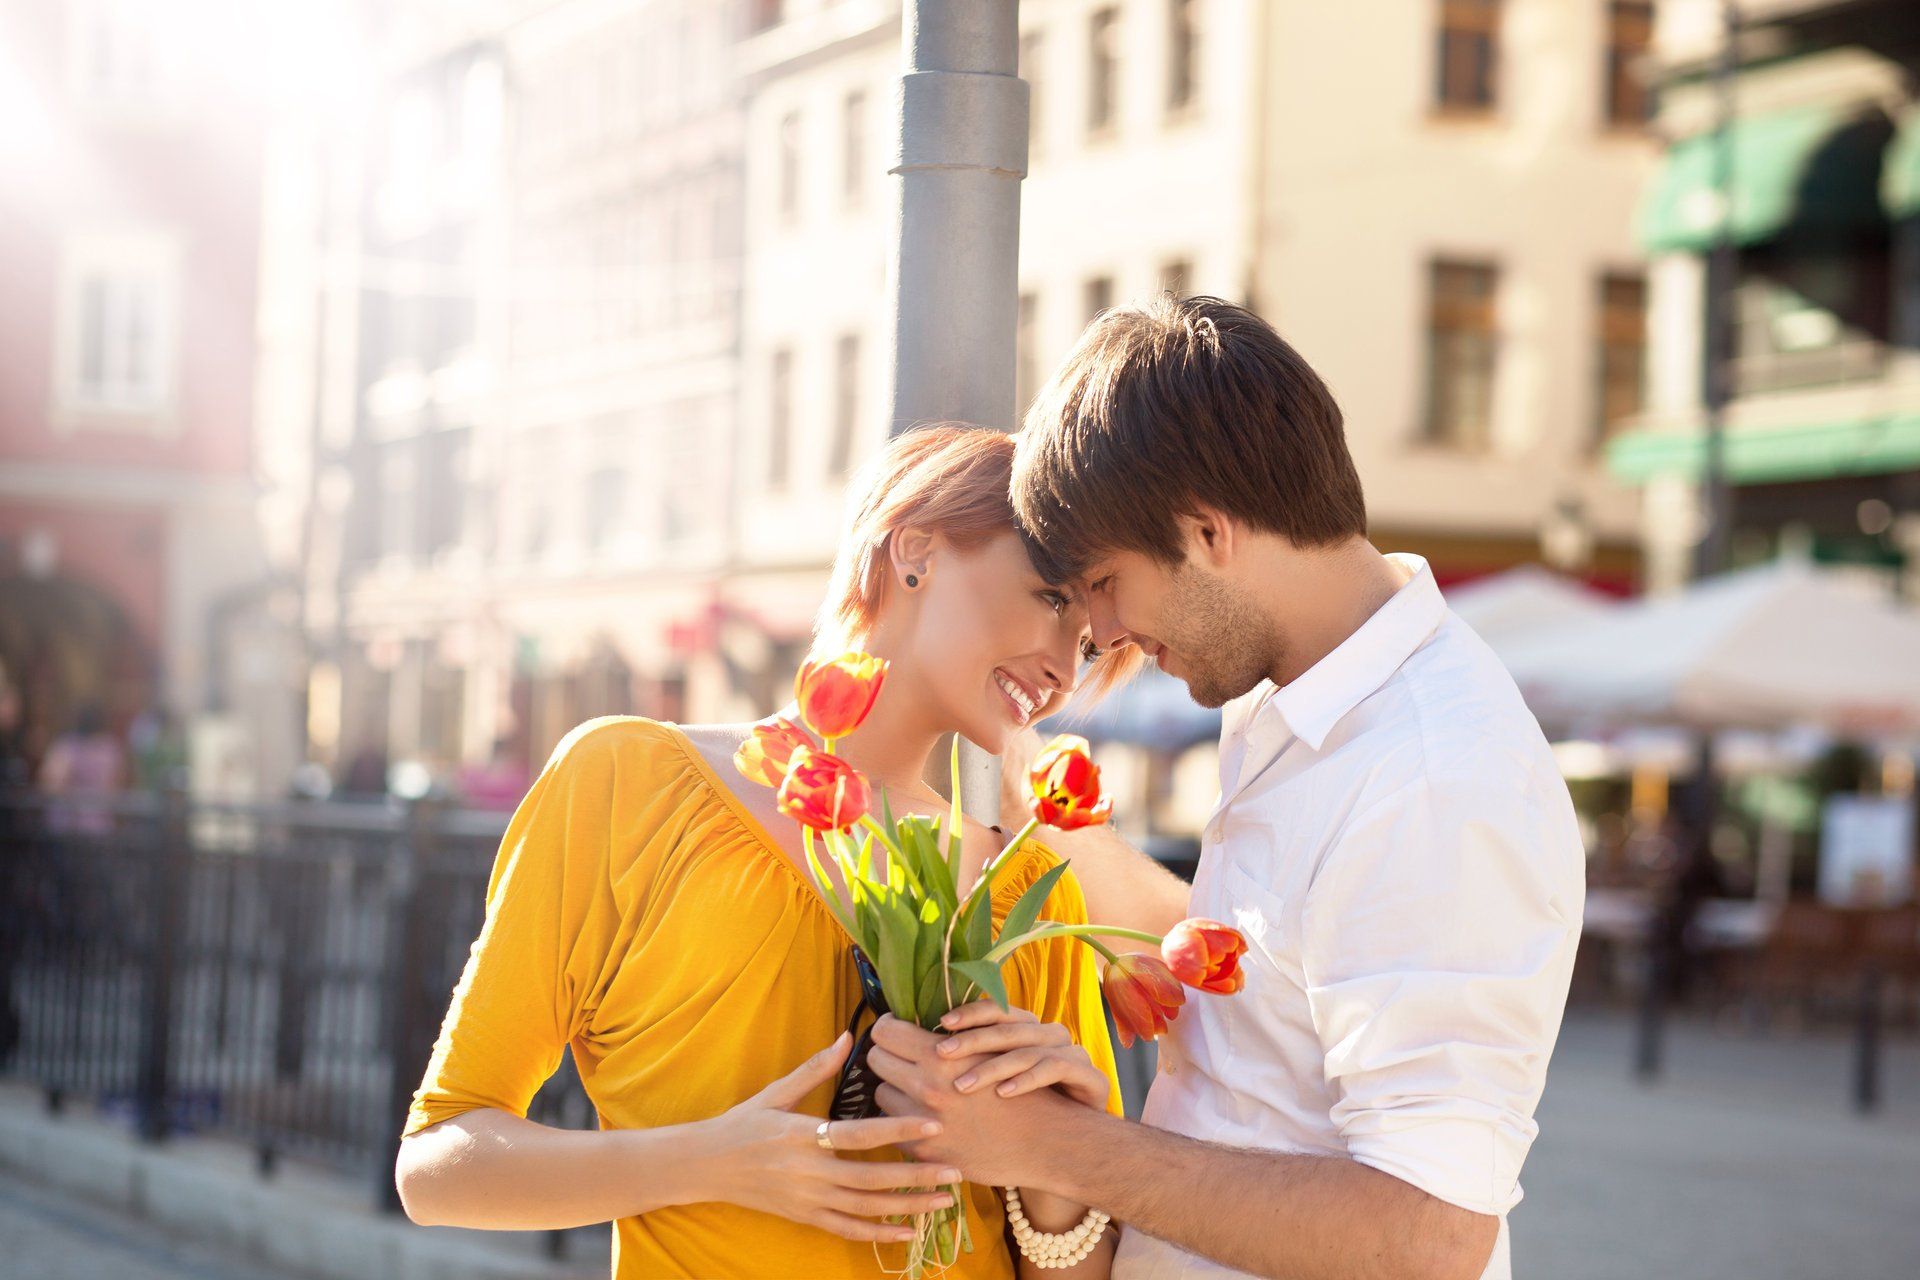 Цветов, какие цветы купить девушке на первом свидании